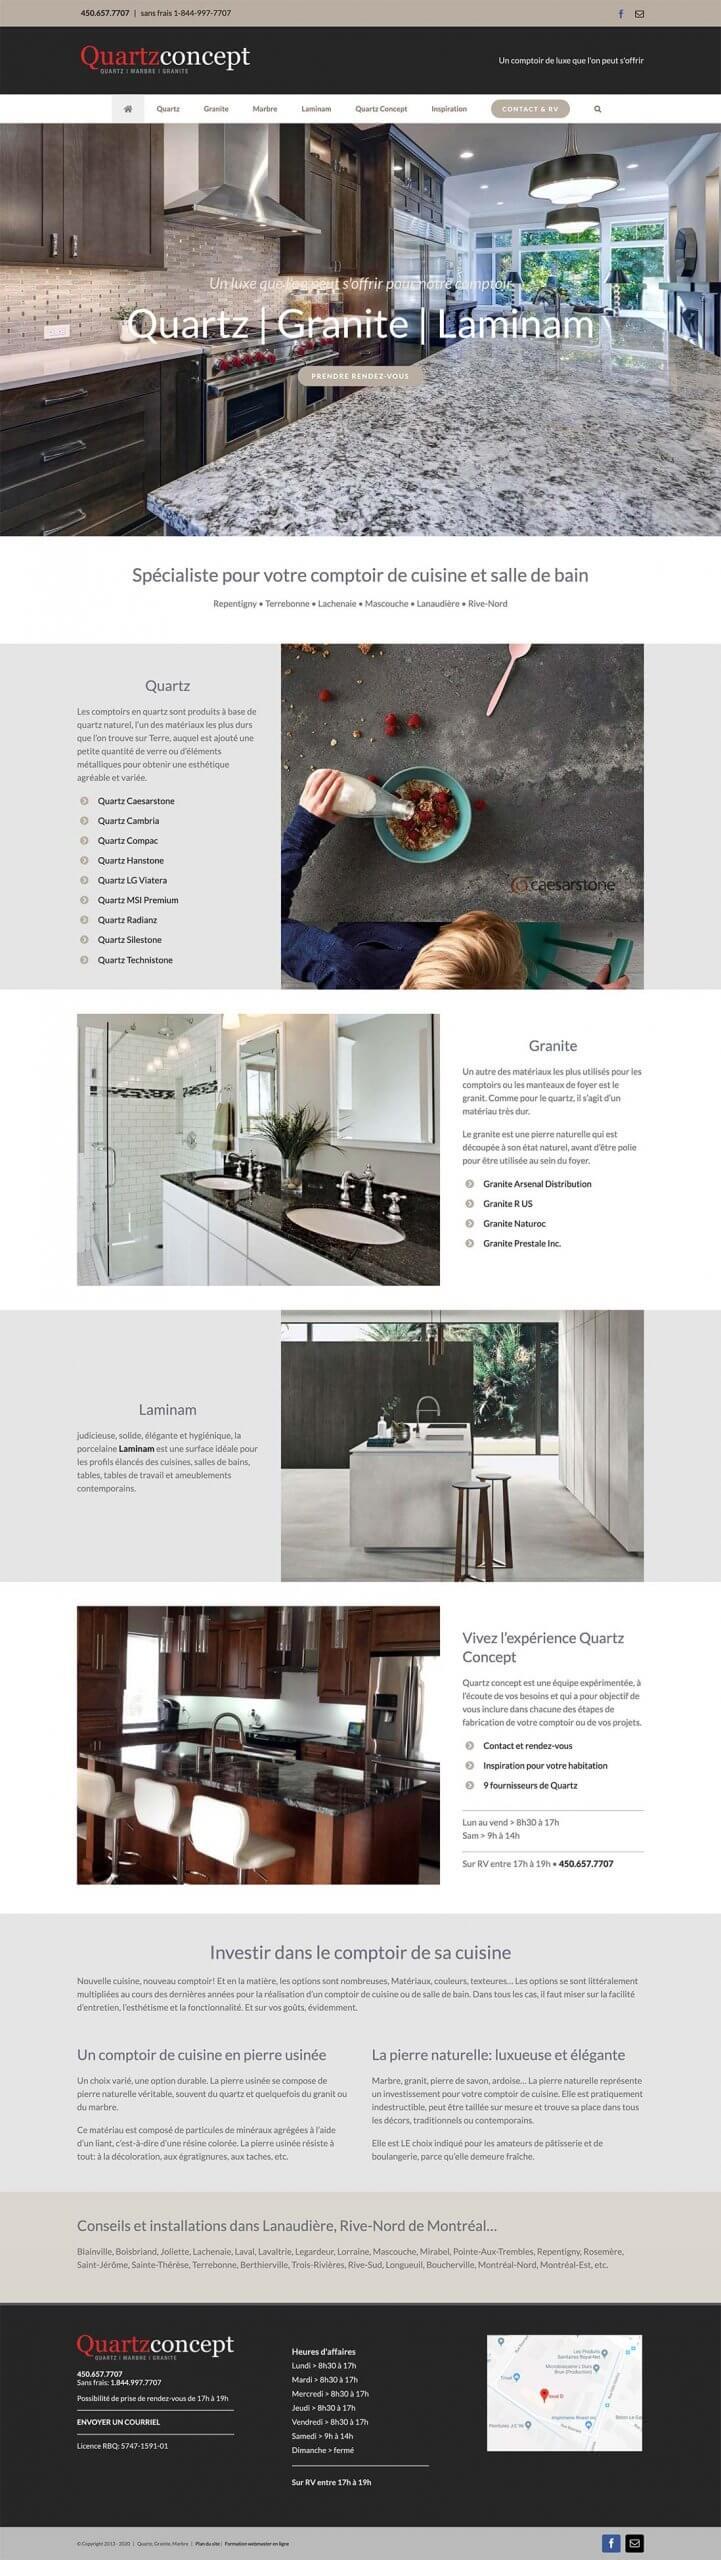 Quartz Concept - site web certifié SEO-PRO